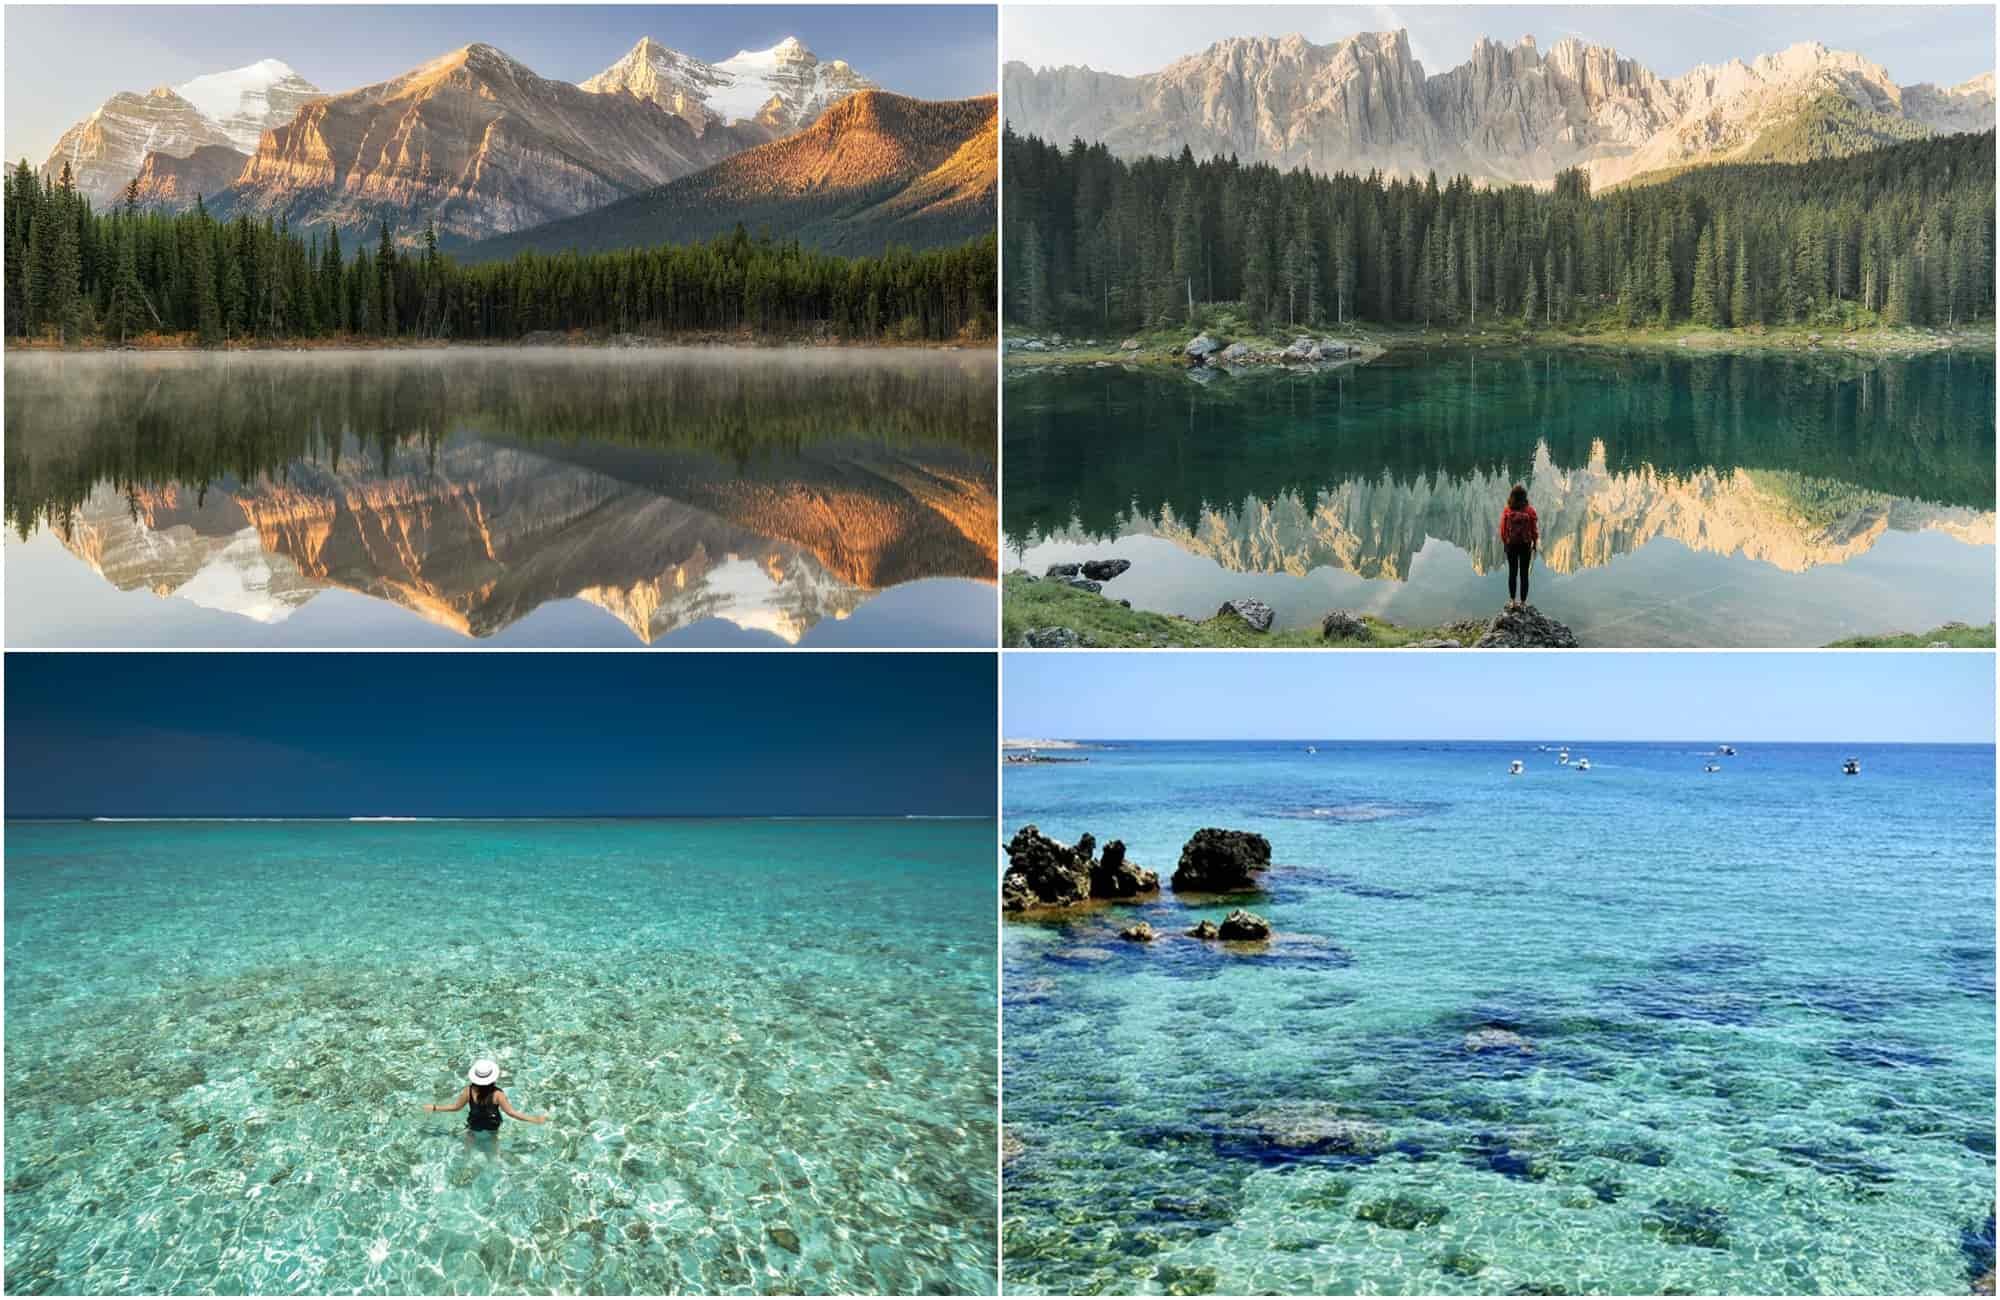 Voyage Italie - Canada - Maldives - Amplitudes